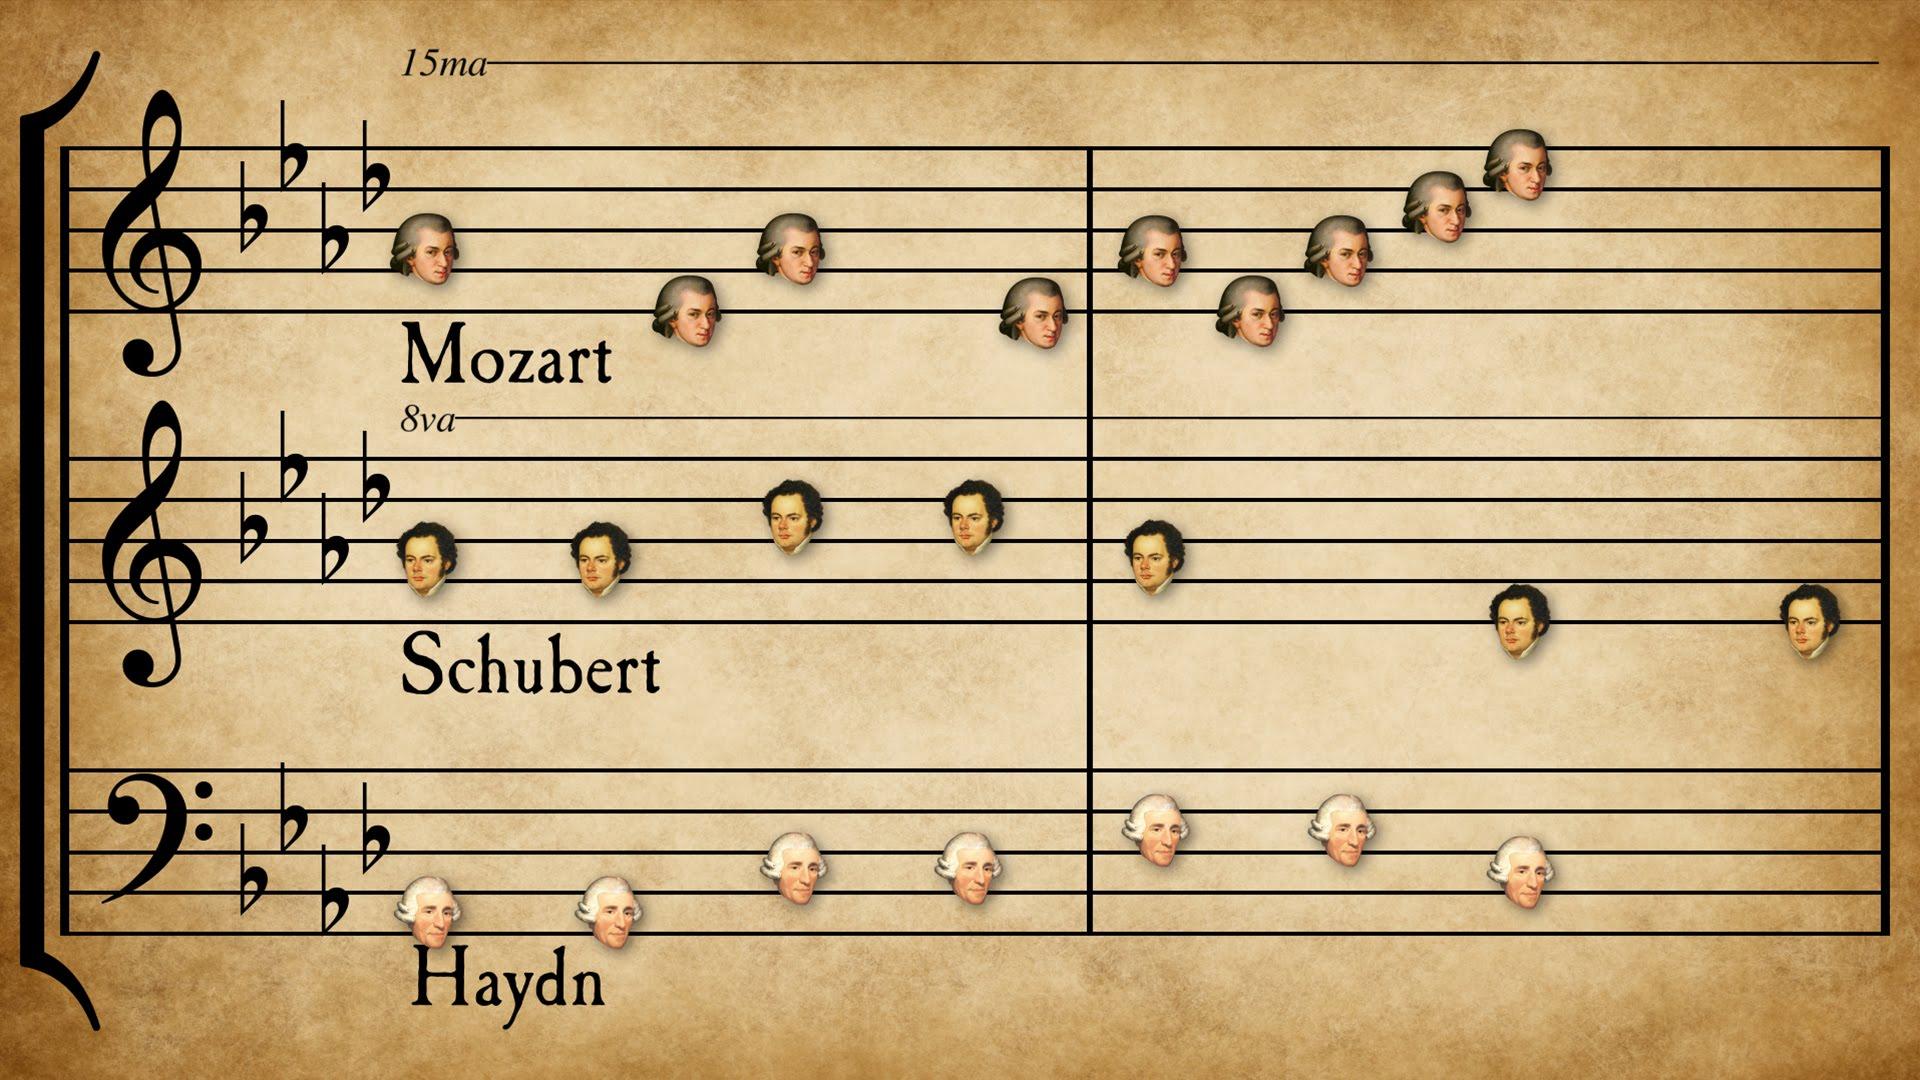 絶妙な組み合わせで綺麗なメロディラインに、クラシック音楽をマッシュアップ